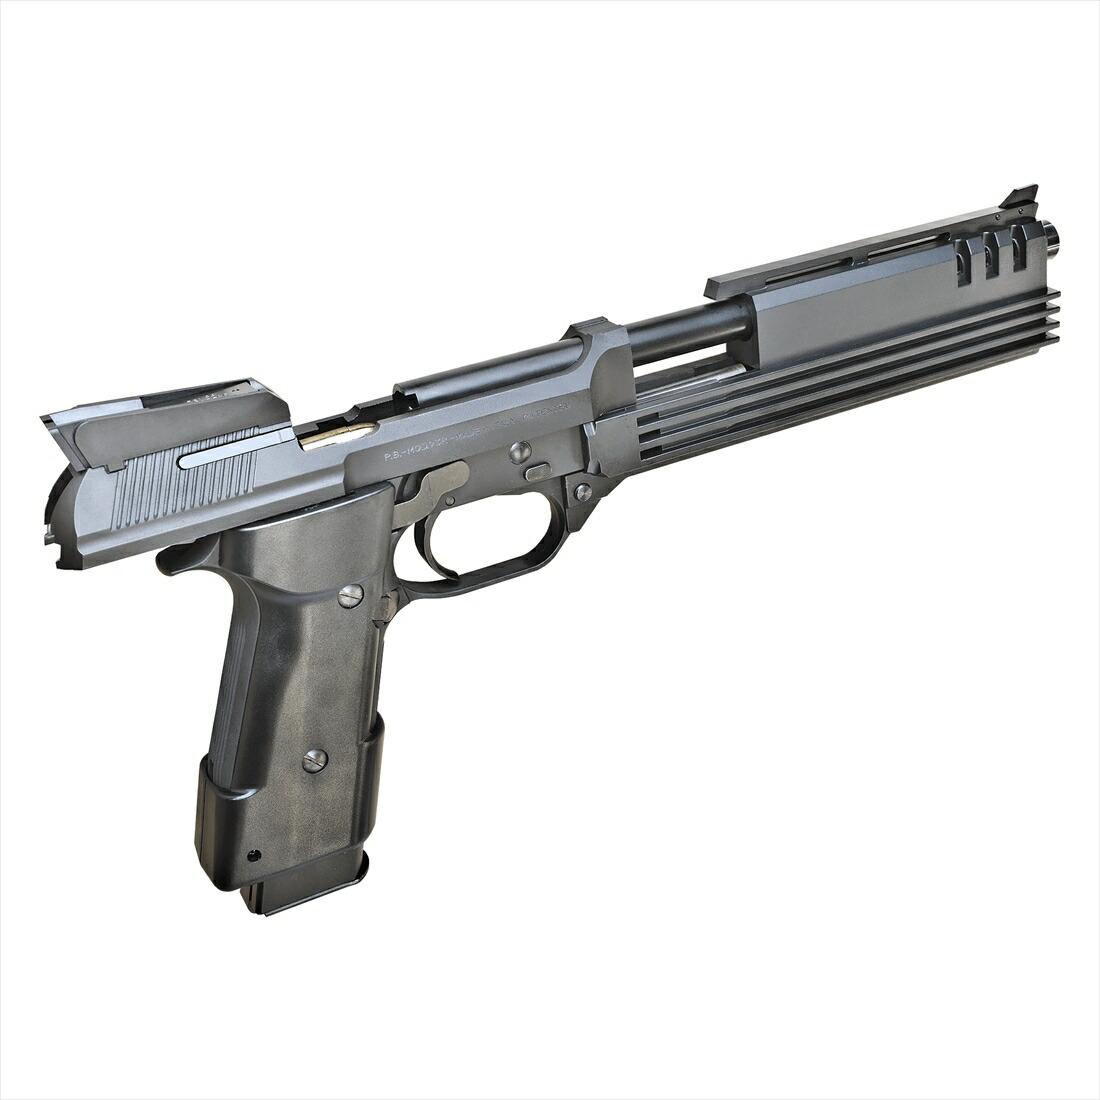 【エントリー全会員P10倍】 KSC オート9C M93RC HW 発火 モデルガン Auto9C ベレッタ 銃 ハンドガン